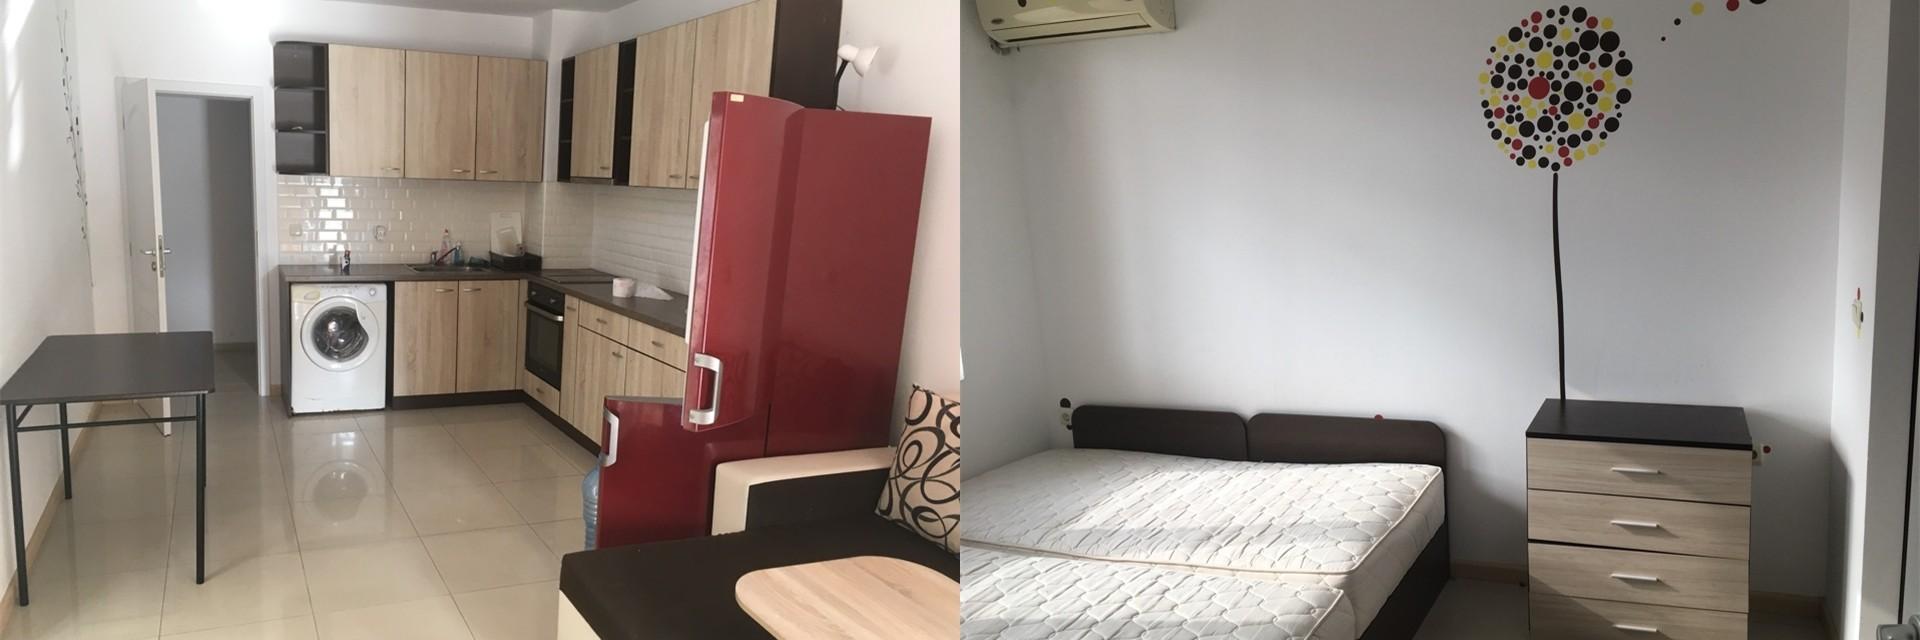 Полностью меблированная квартира